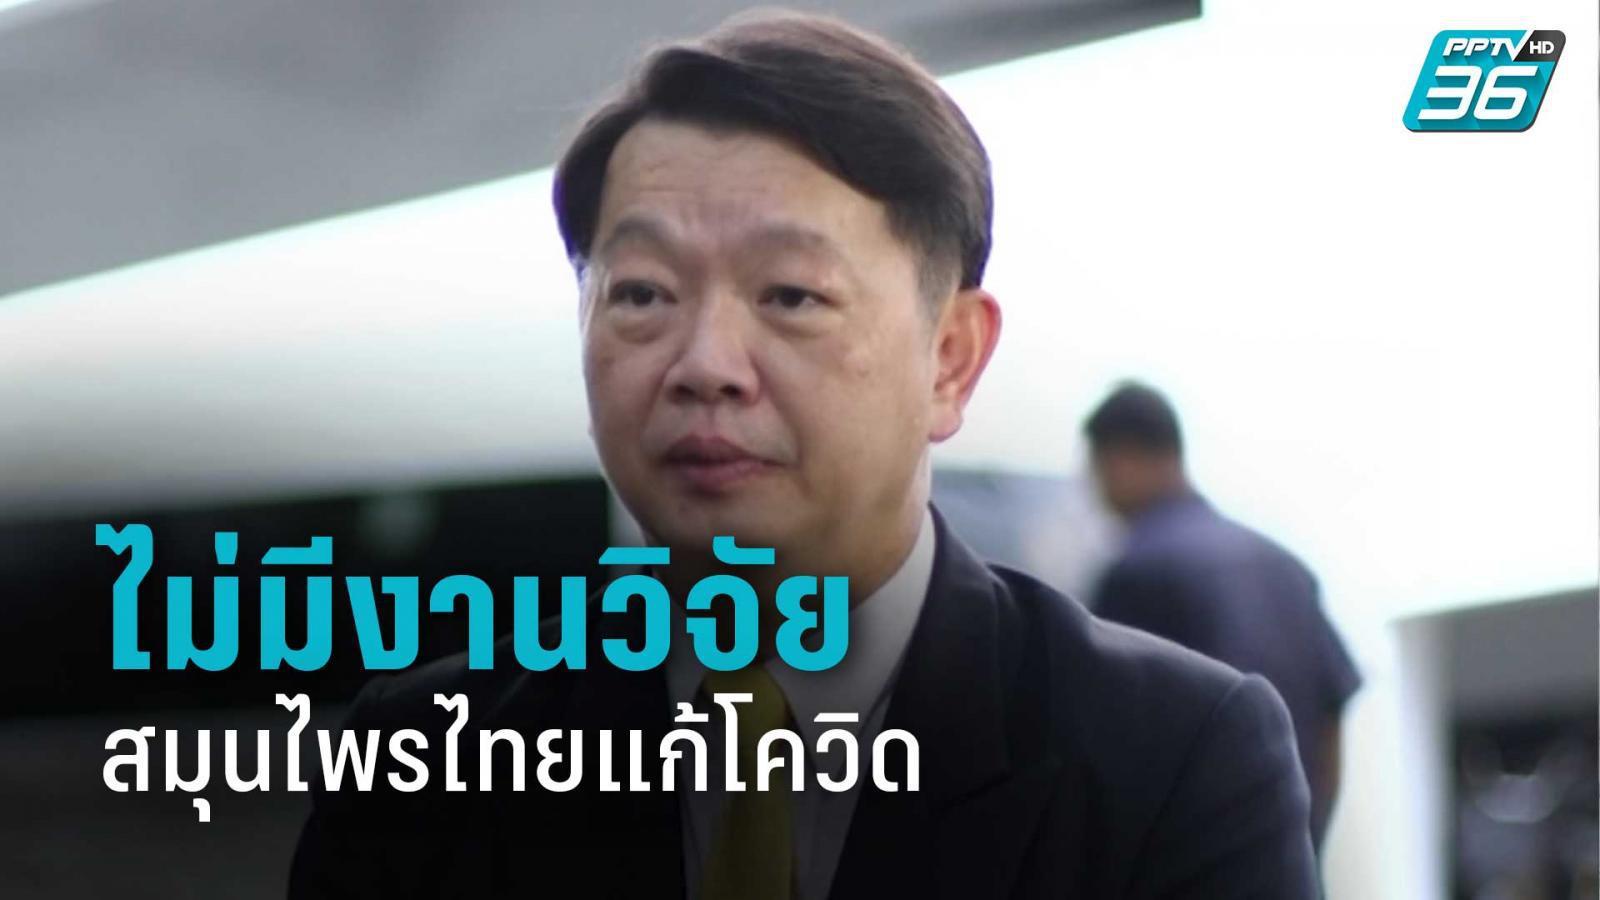 แพทย์ ยัน ไม่มีงานวิจัยสมุนไพรไทยแก้โควิด-19